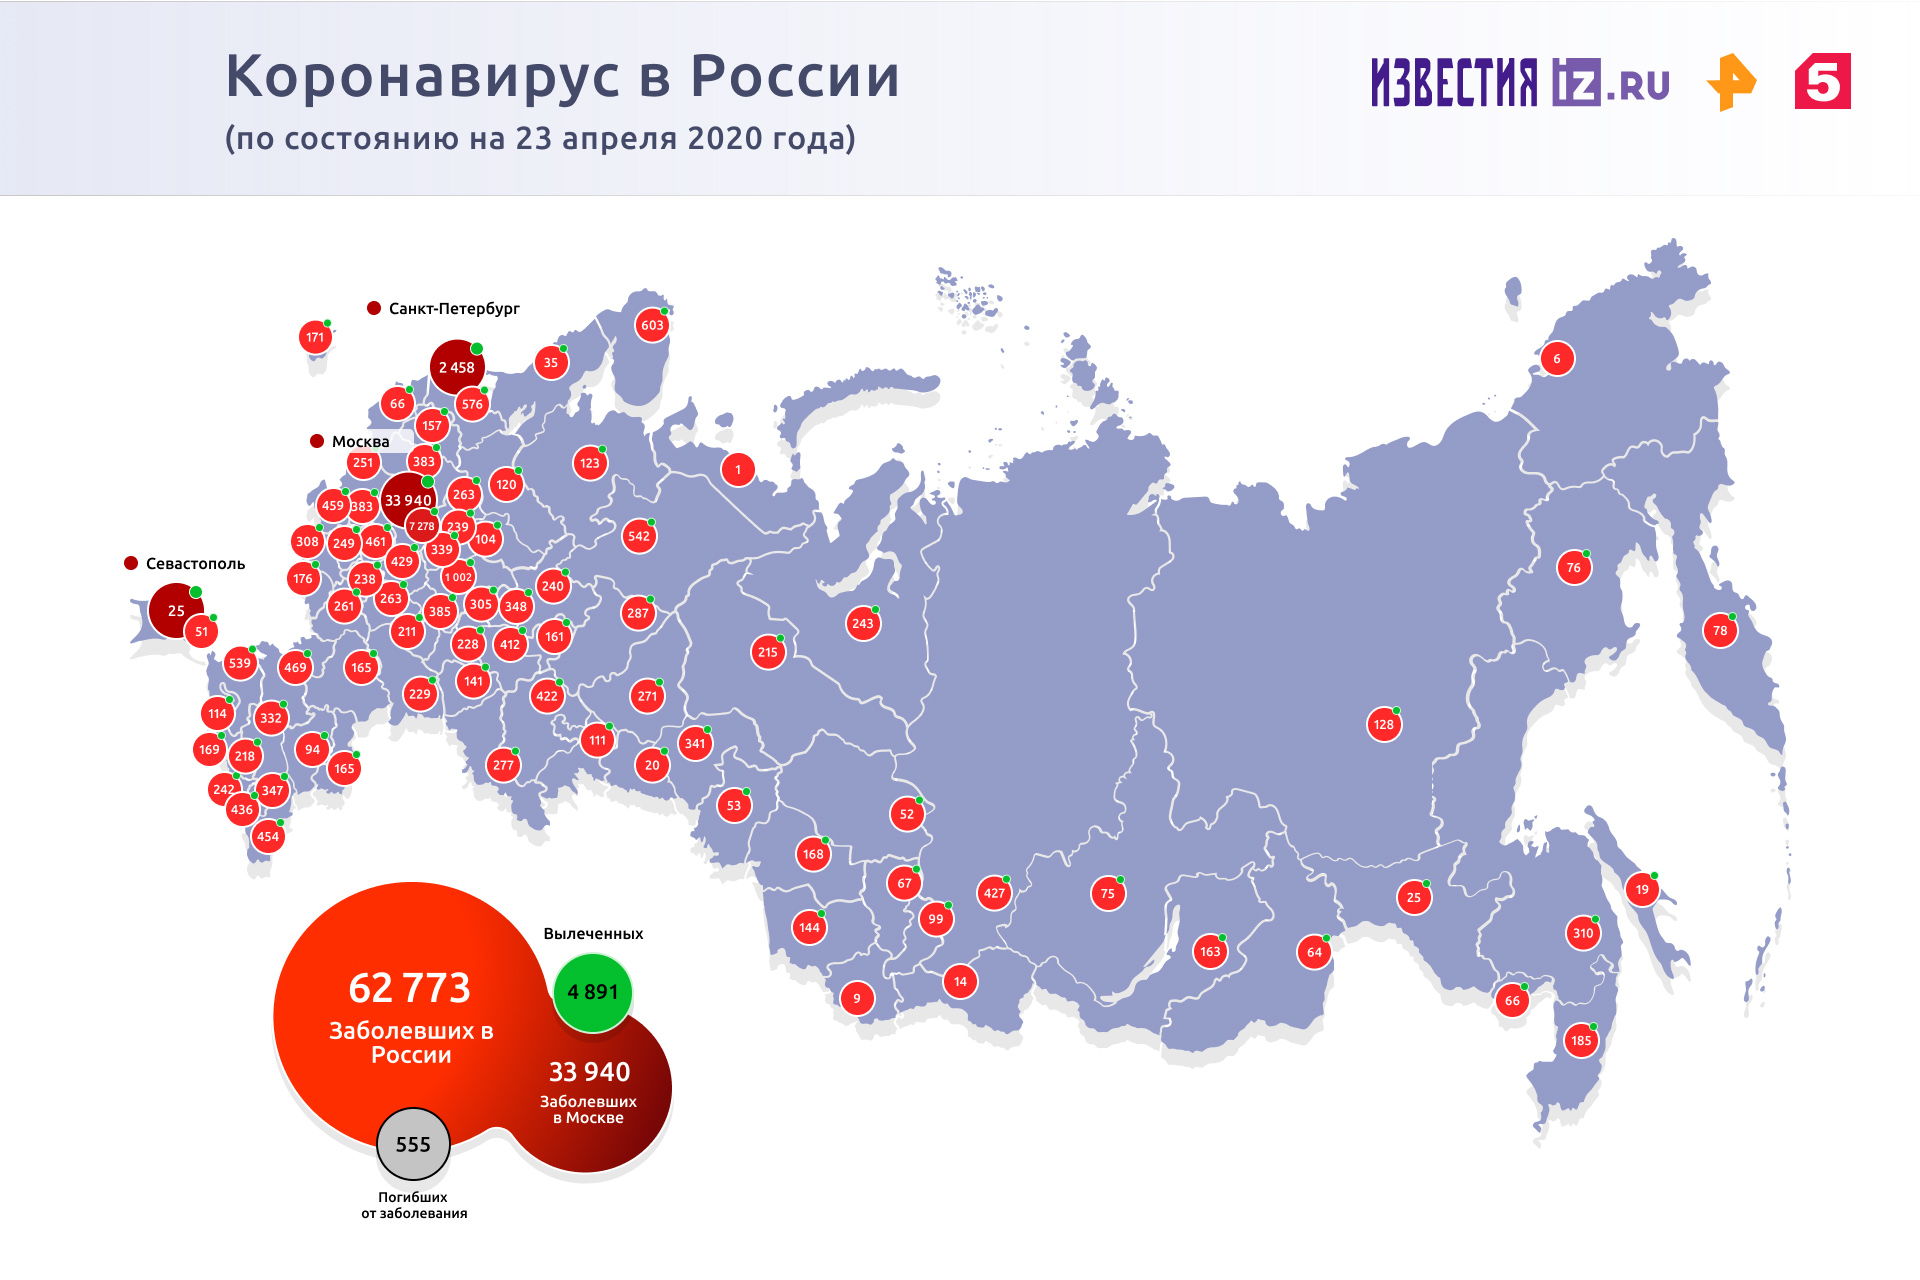 В России тест на COVID-19 можно сделать в 438 лабораториях